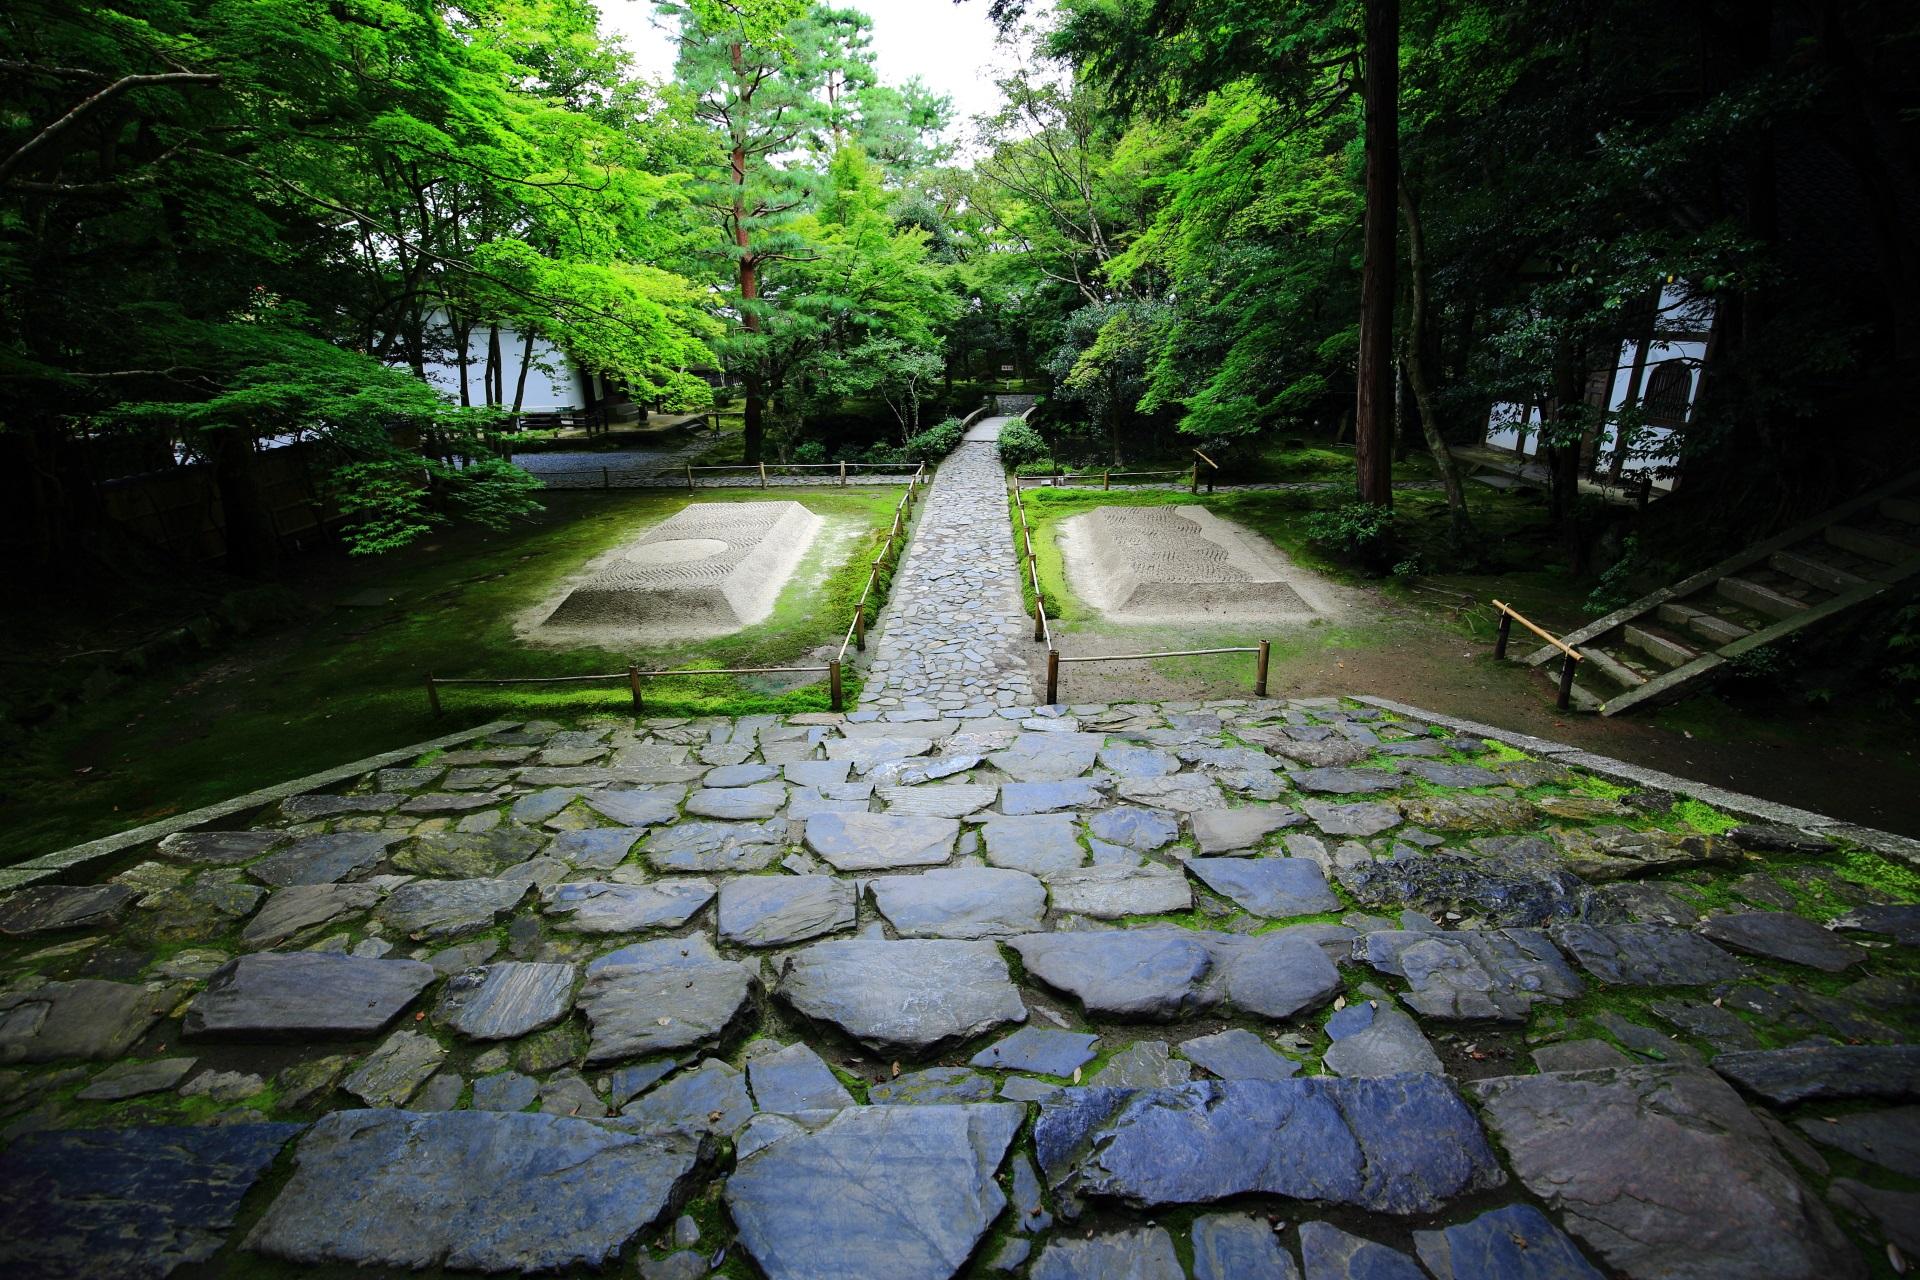 法然院 苔と青もみじ 風情ある緑と白砂壇